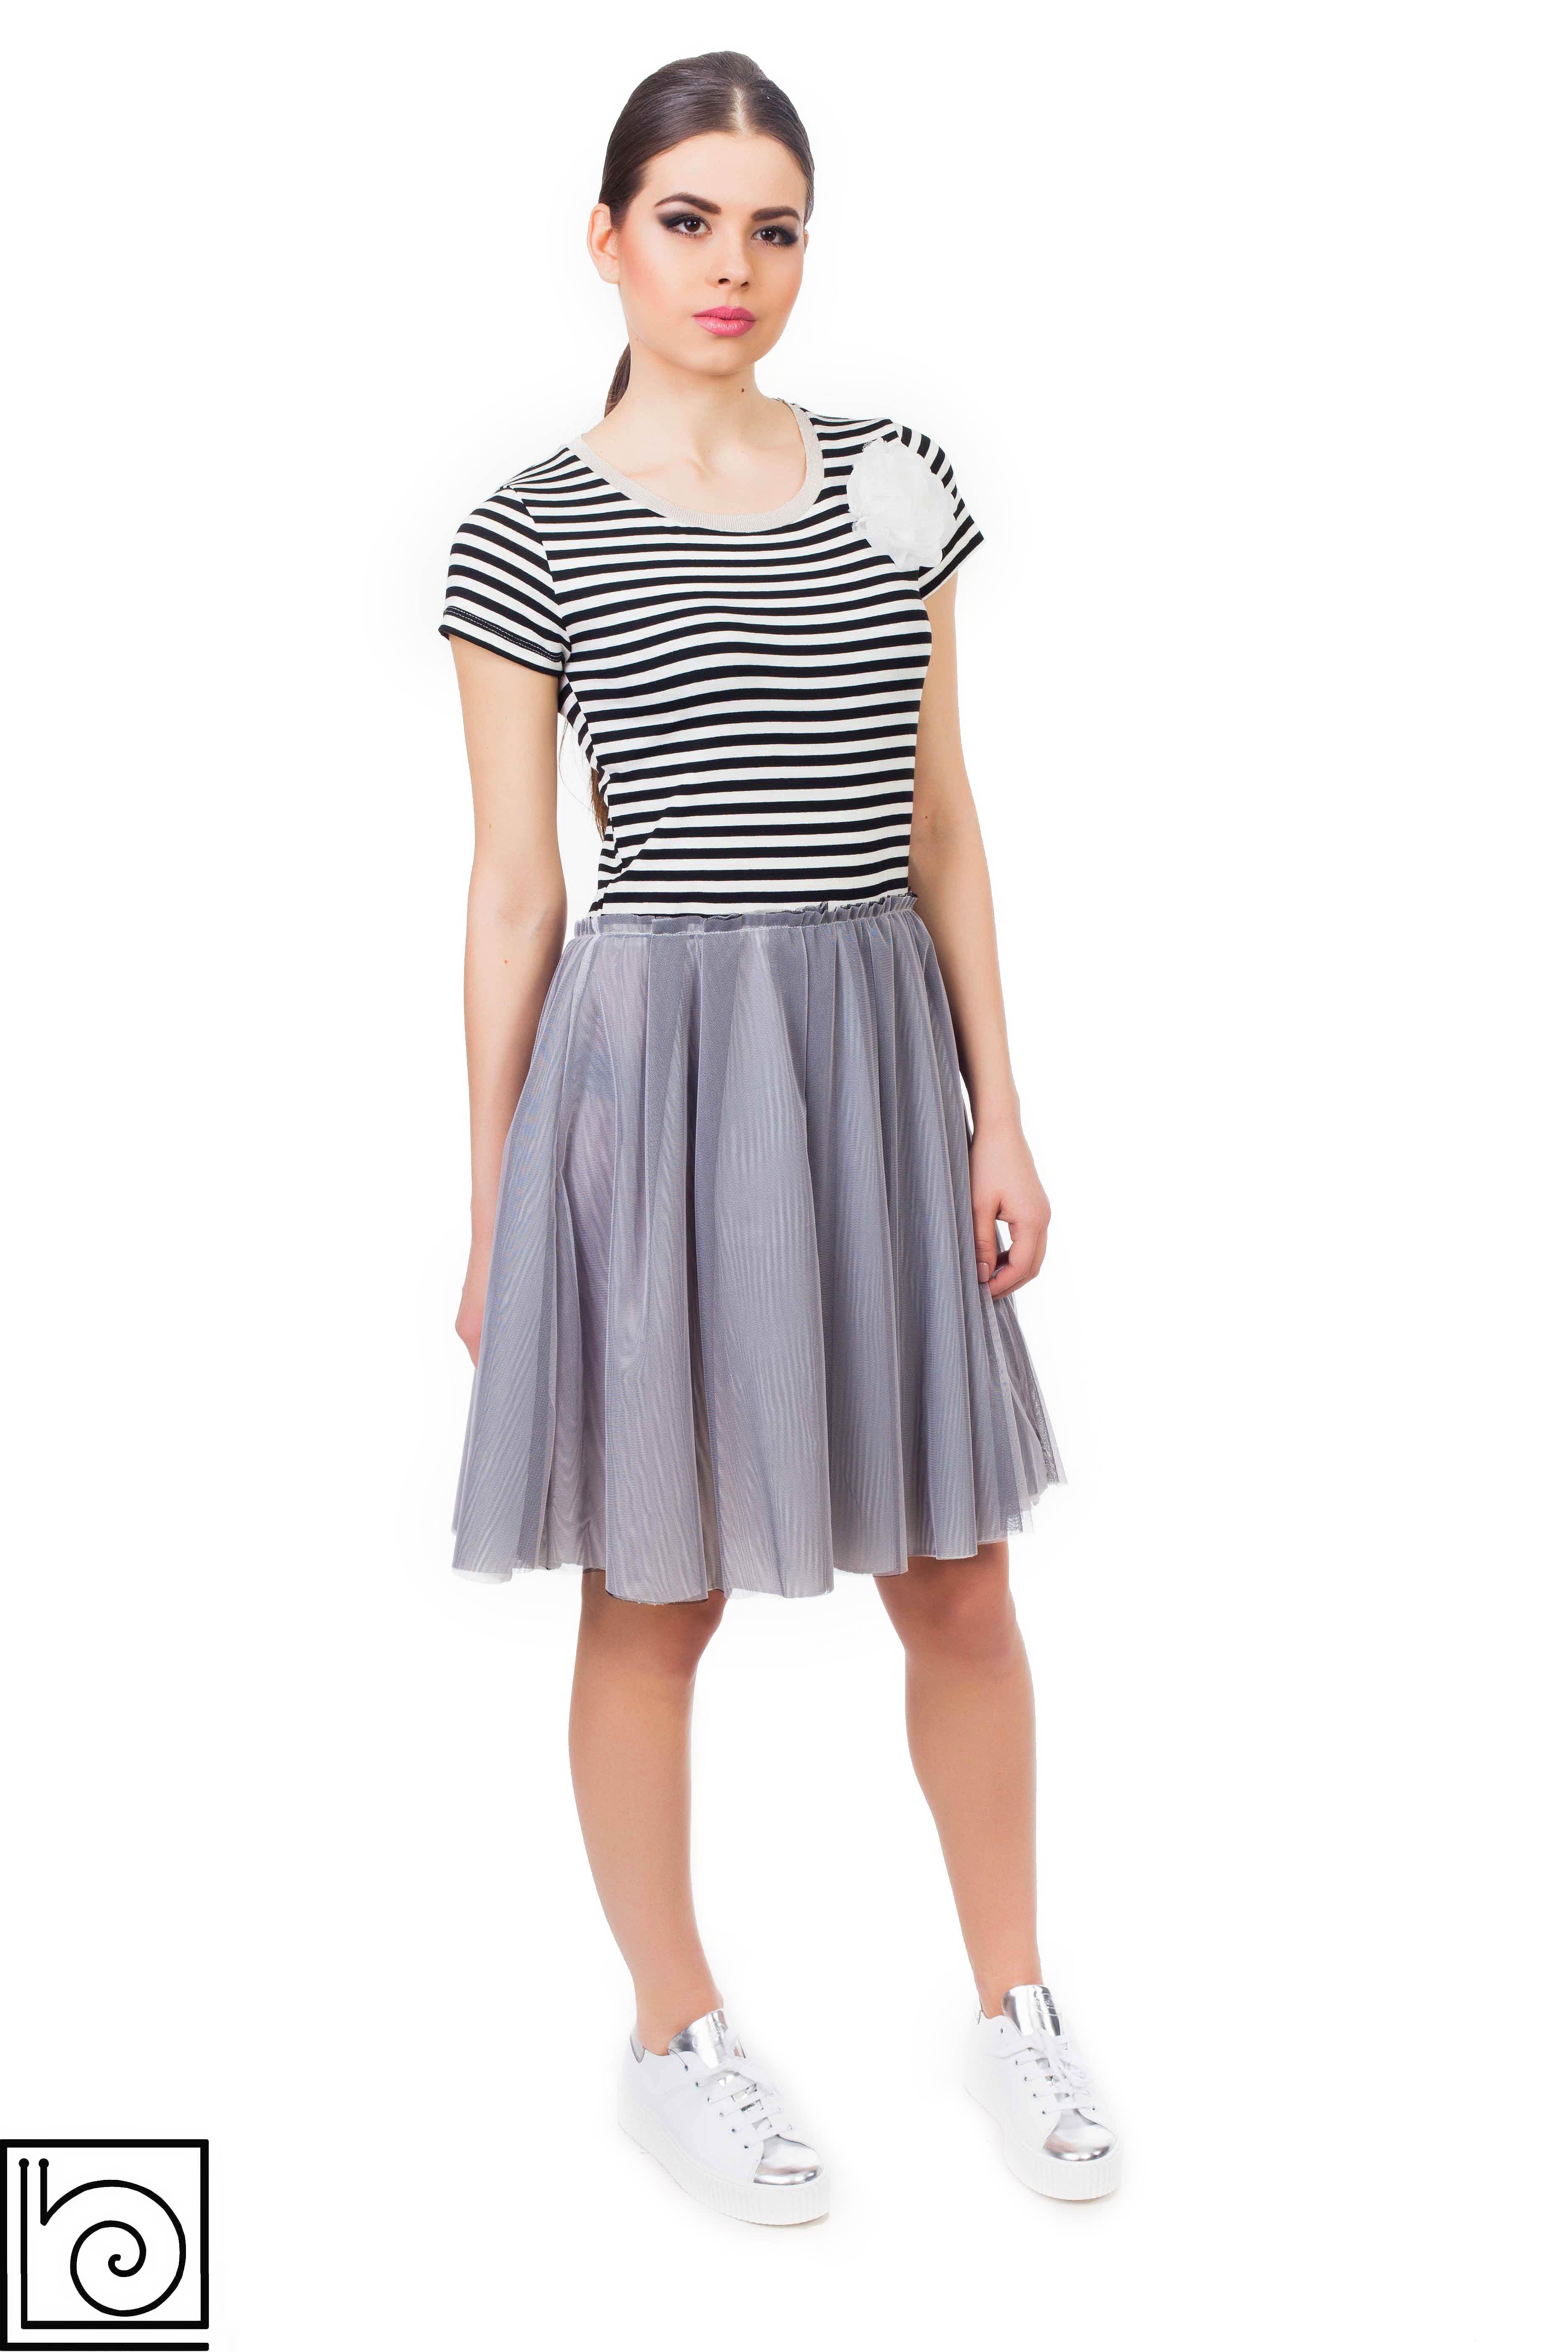 eaff79749cff86f Платье с юбкой из тюли. Топ трикотажный в черно-белую полоску, короткий  рукав